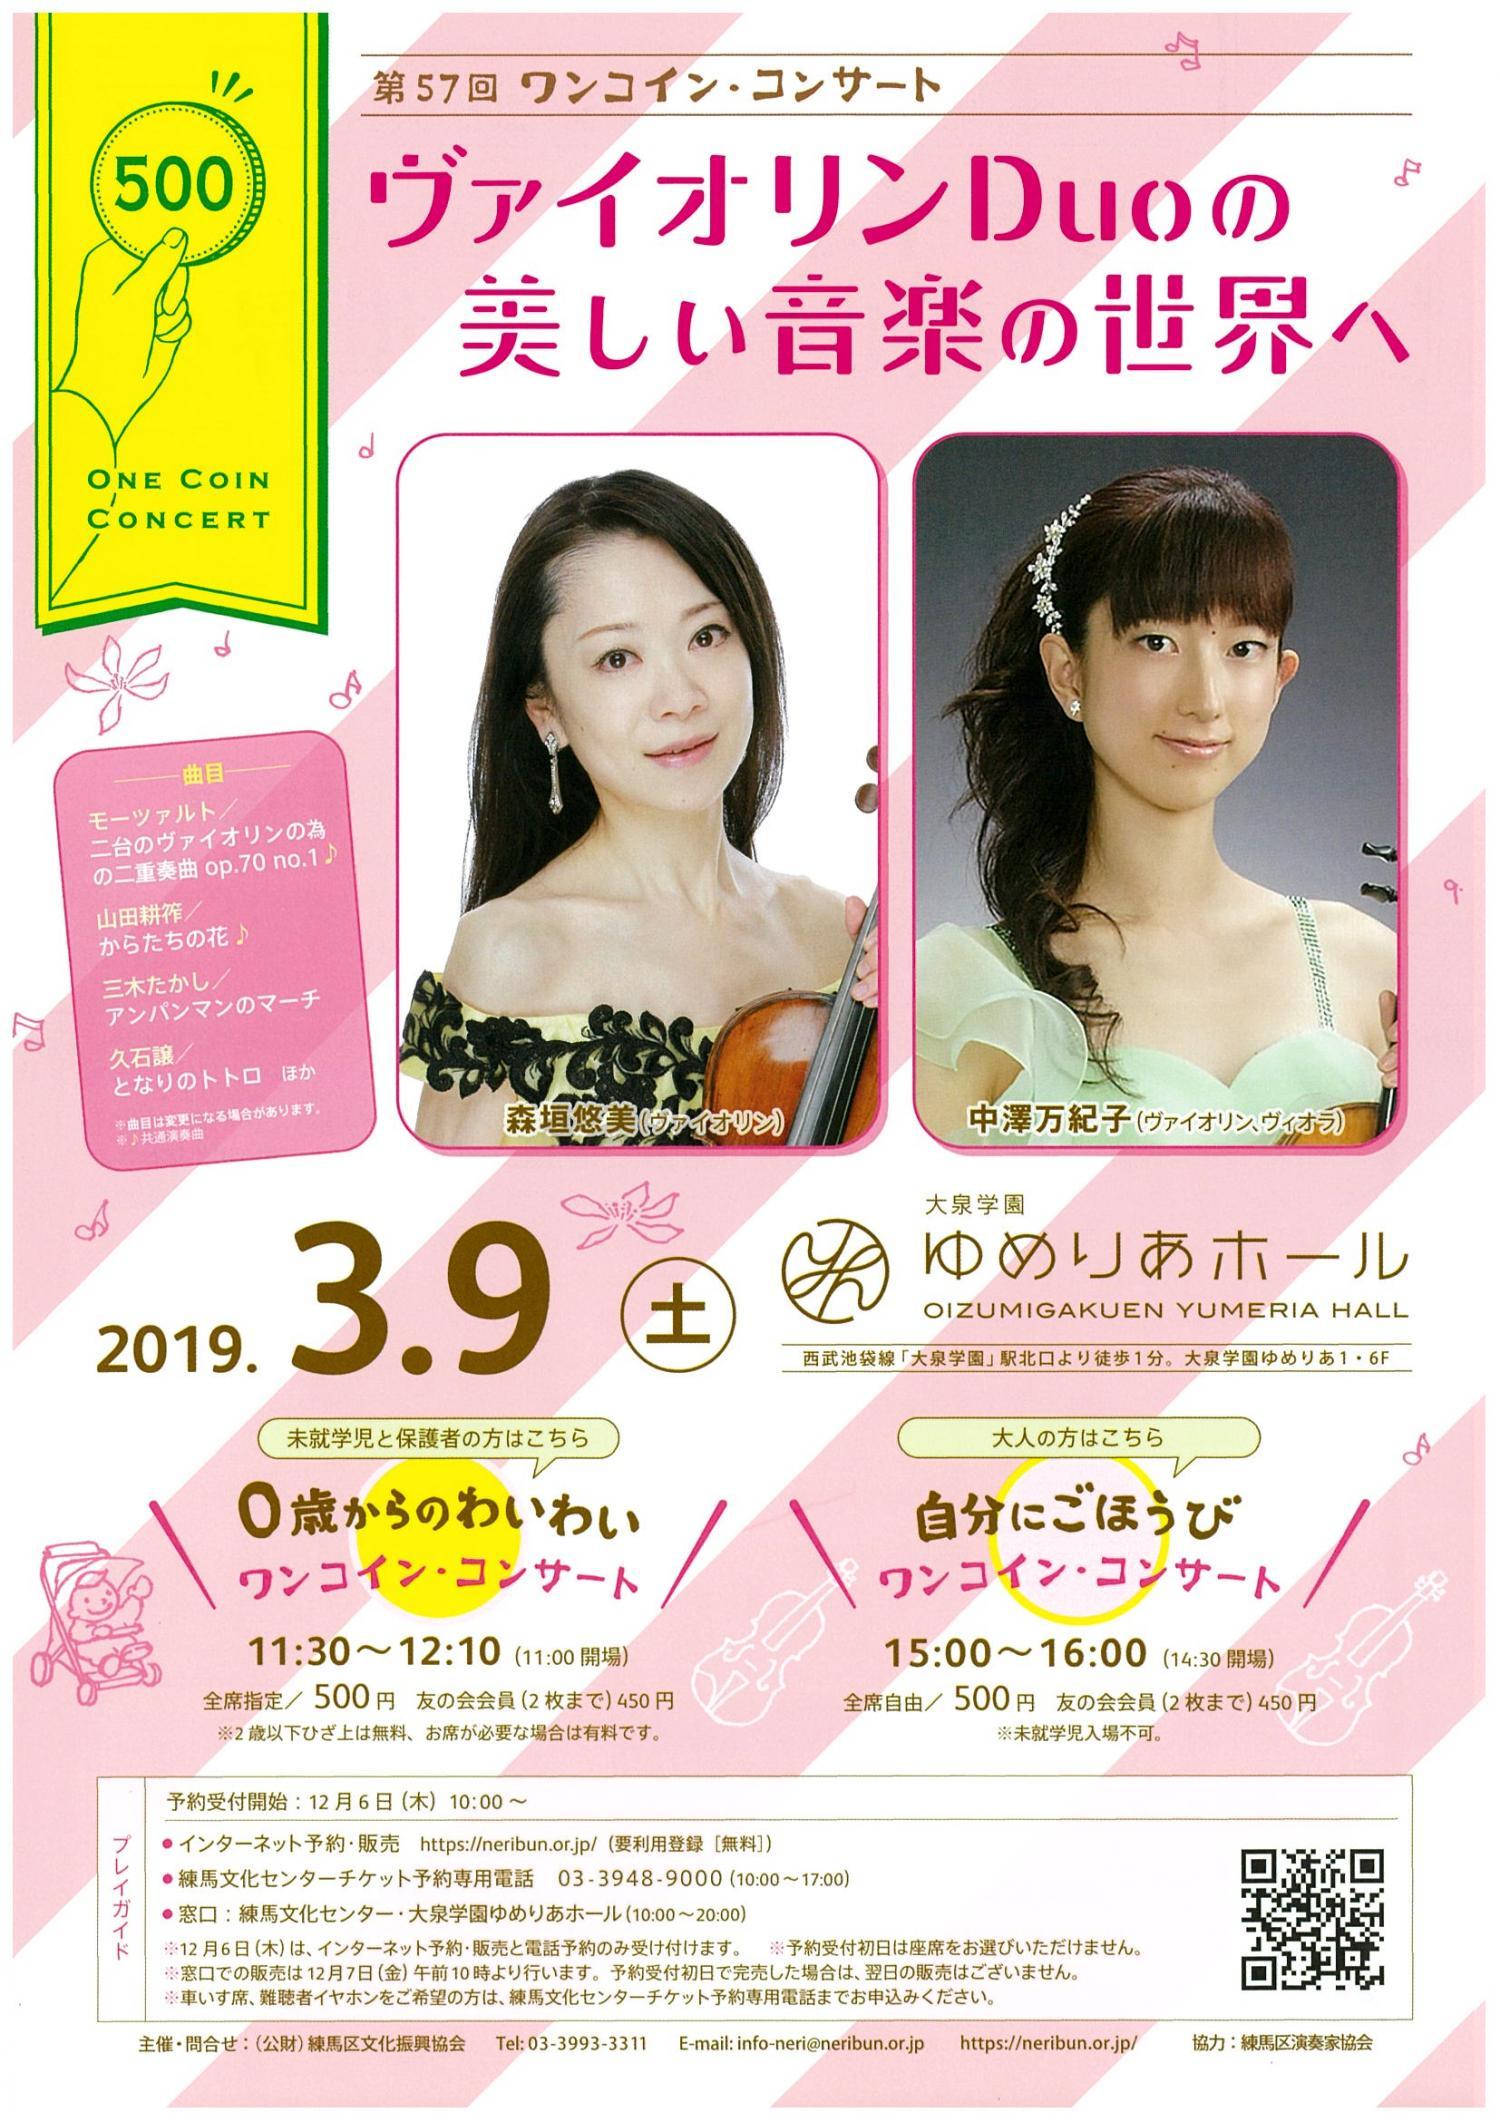 到第57次一硬幣·音樂會小提琴Duo的美麗的音樂的世界